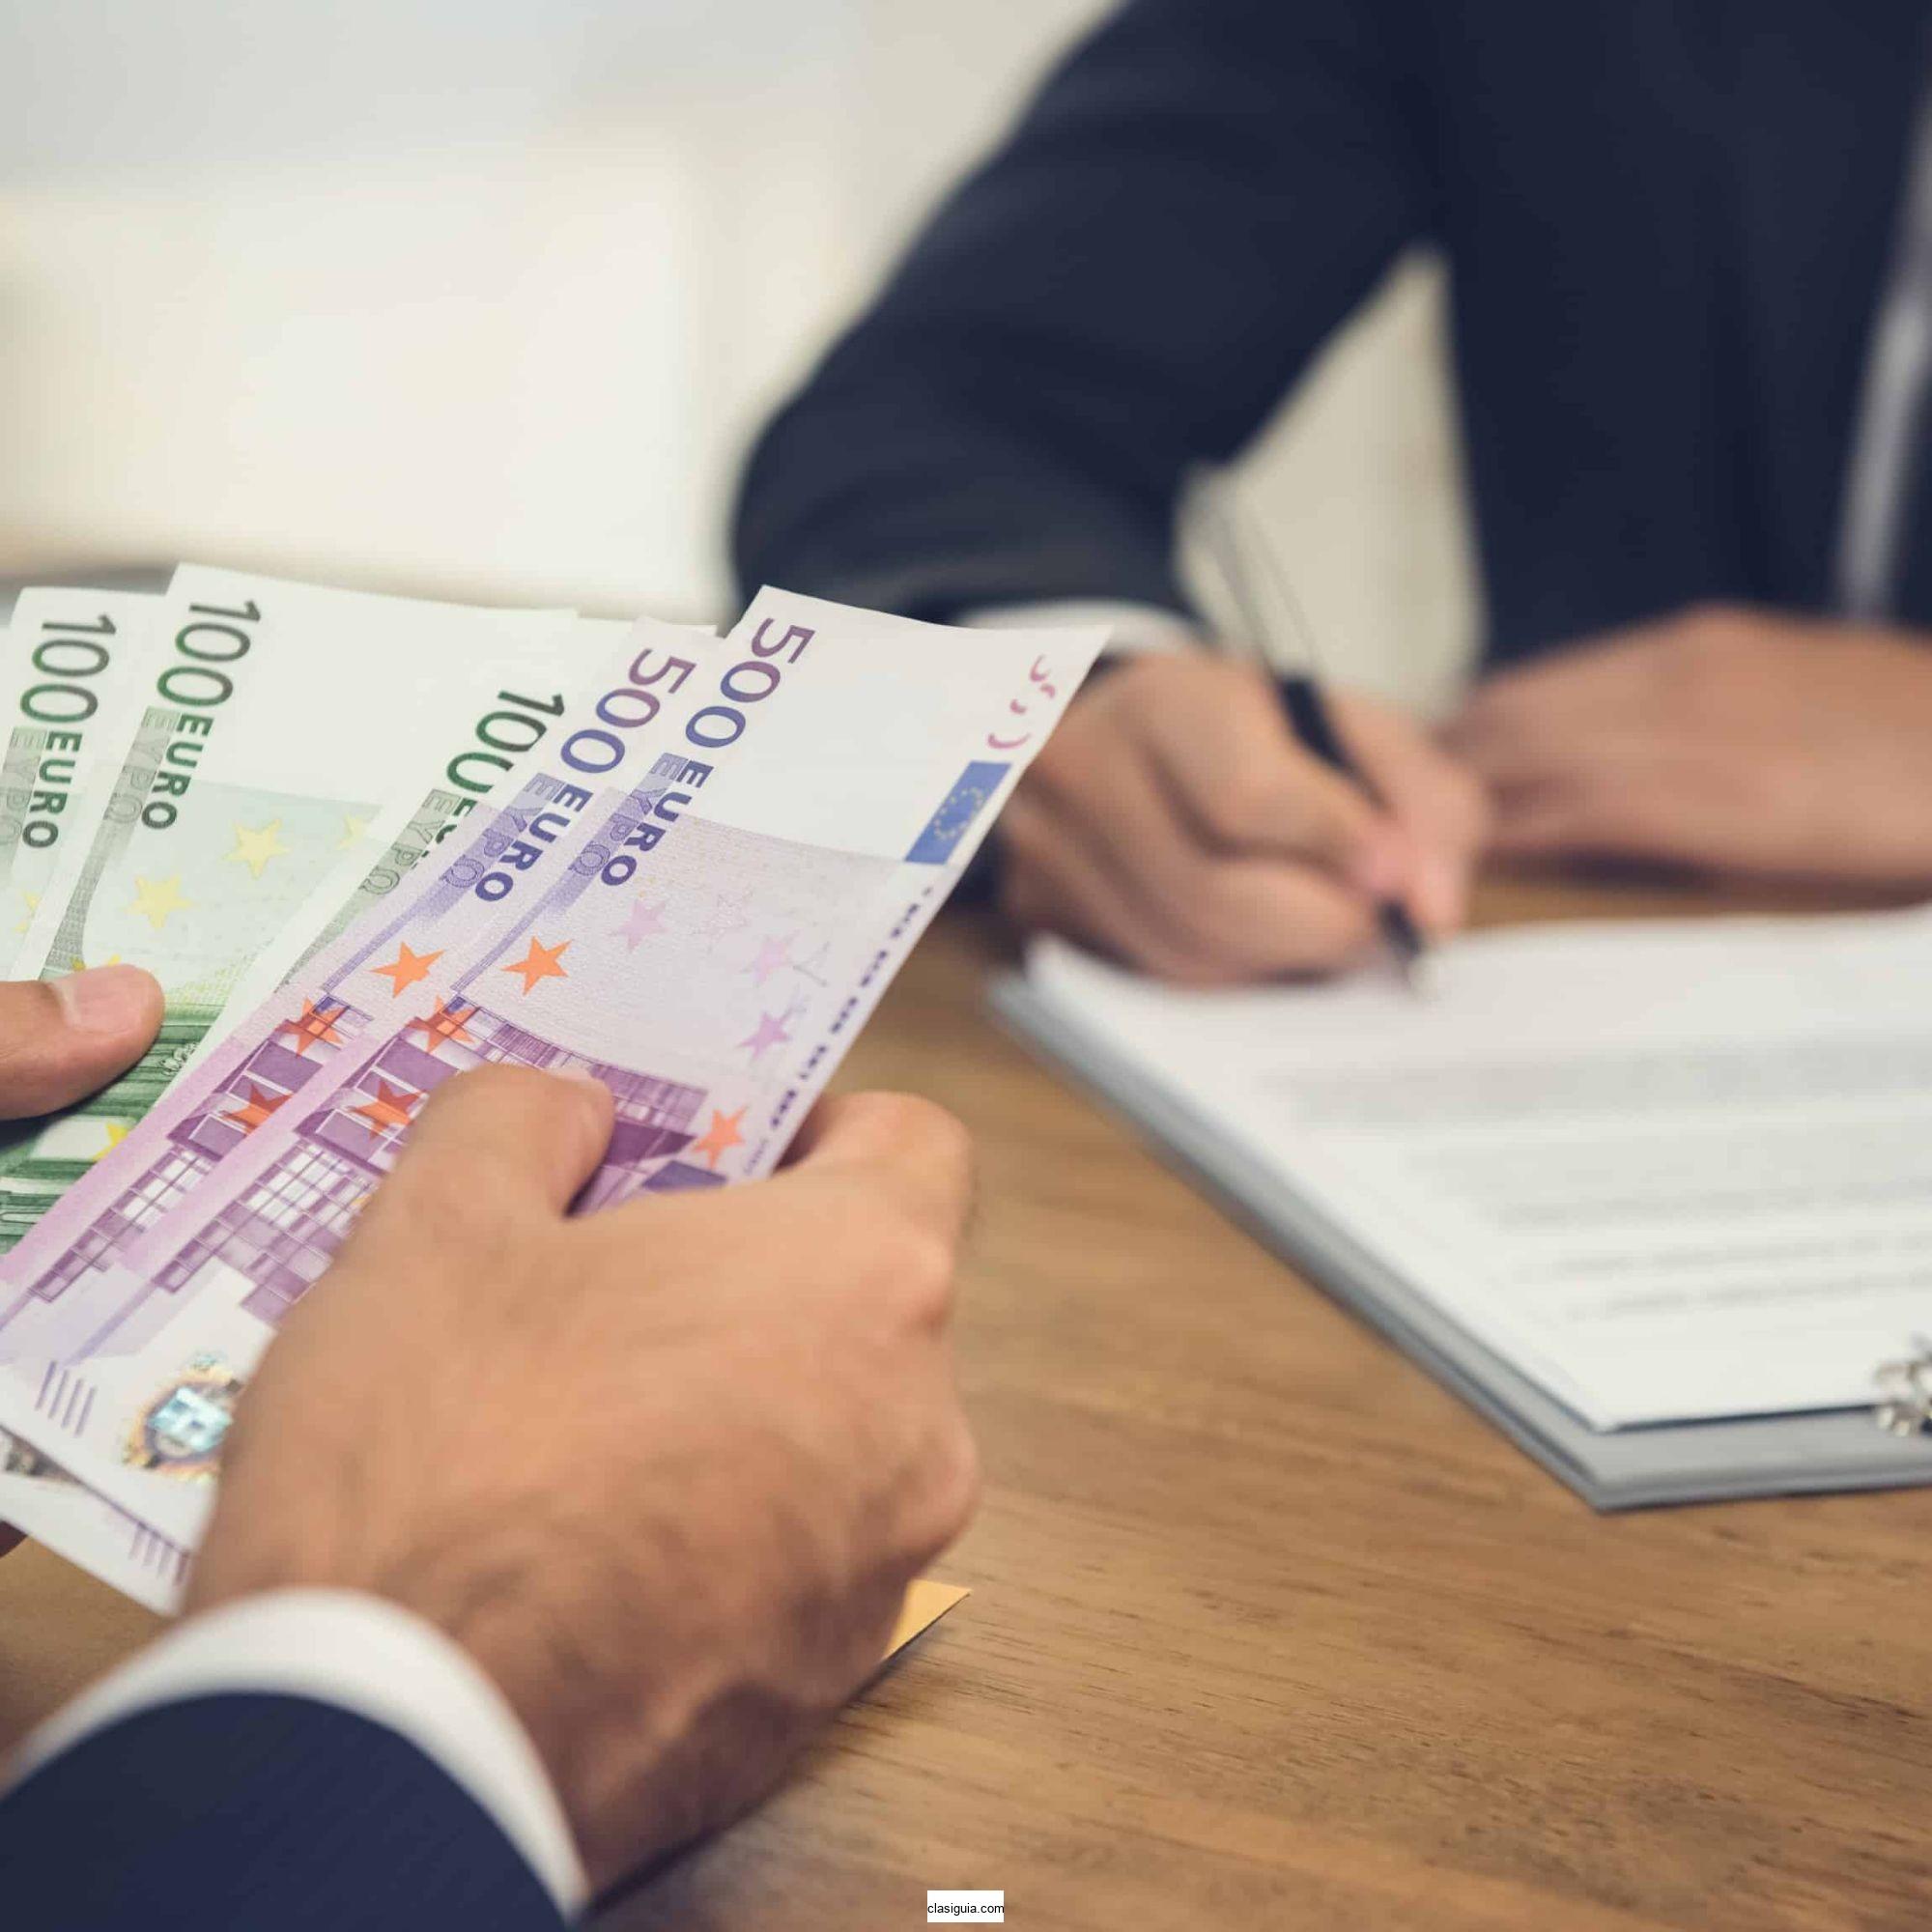 Oferta de préstamo entre personas serias y honestas.